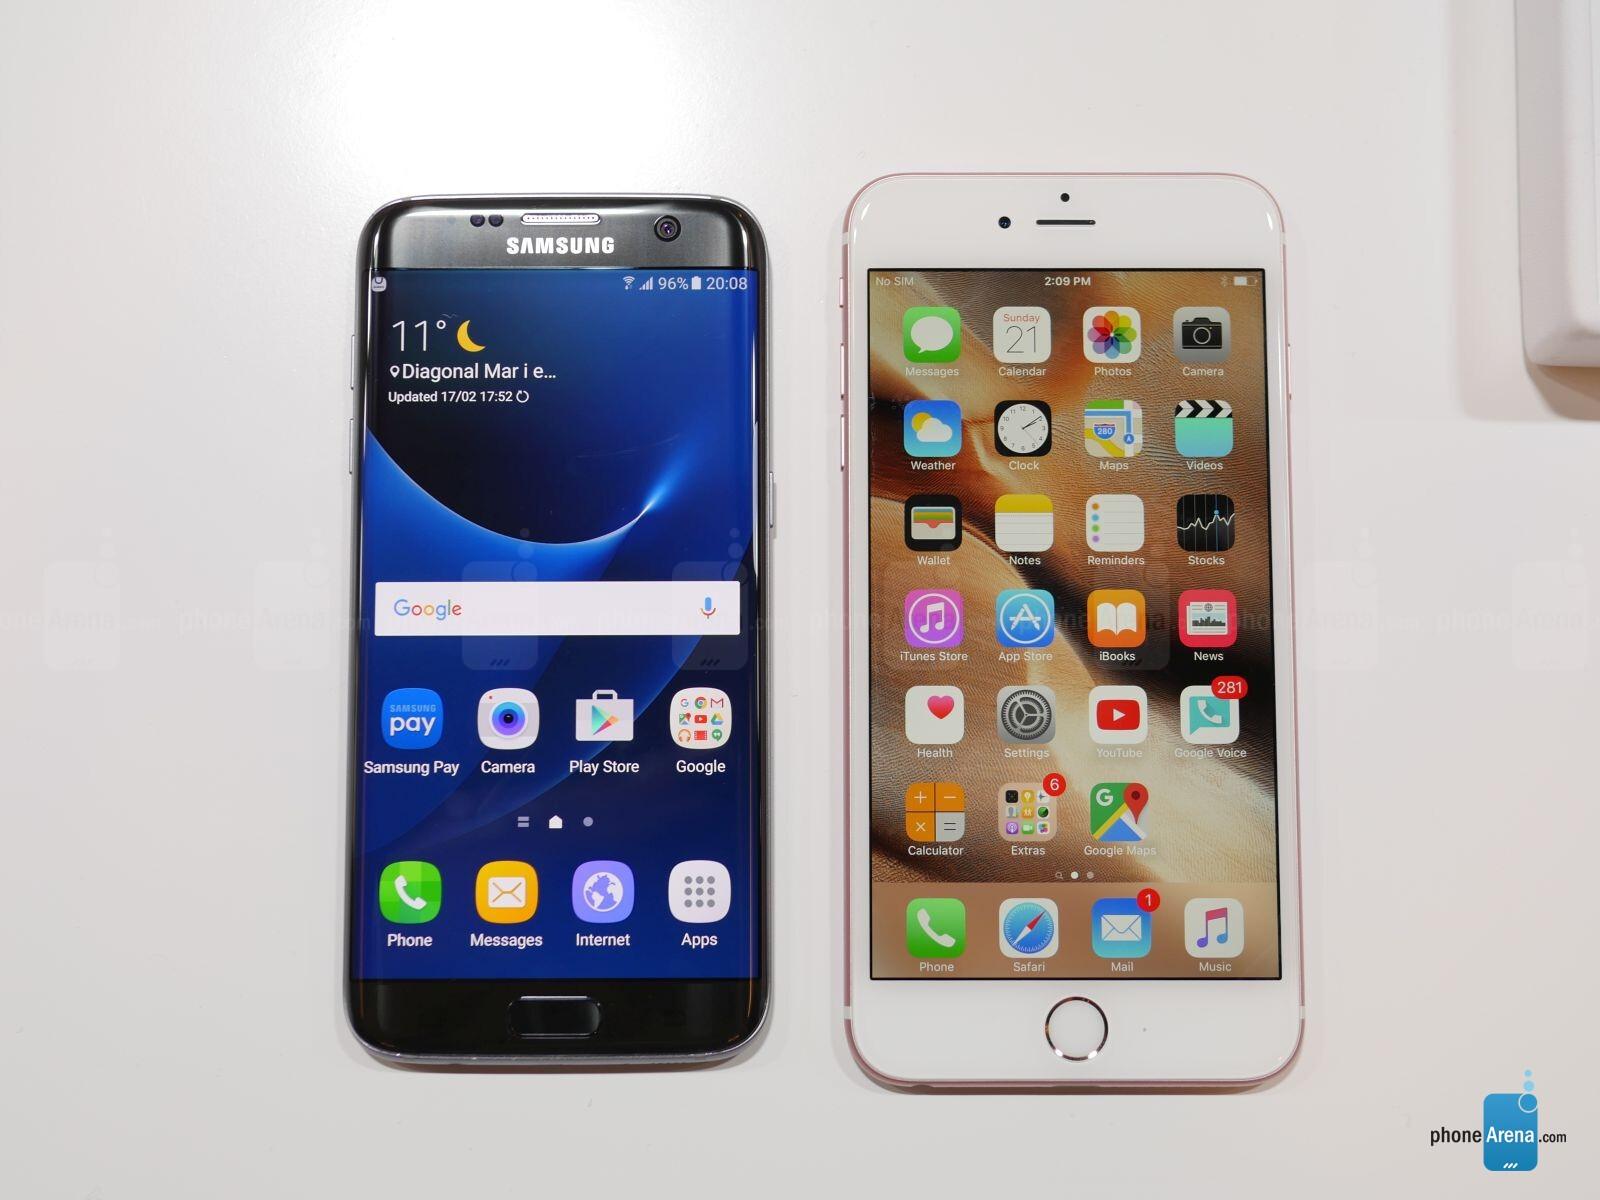 IPHONE 6S VS GALAXY S7 EDGE SPECS